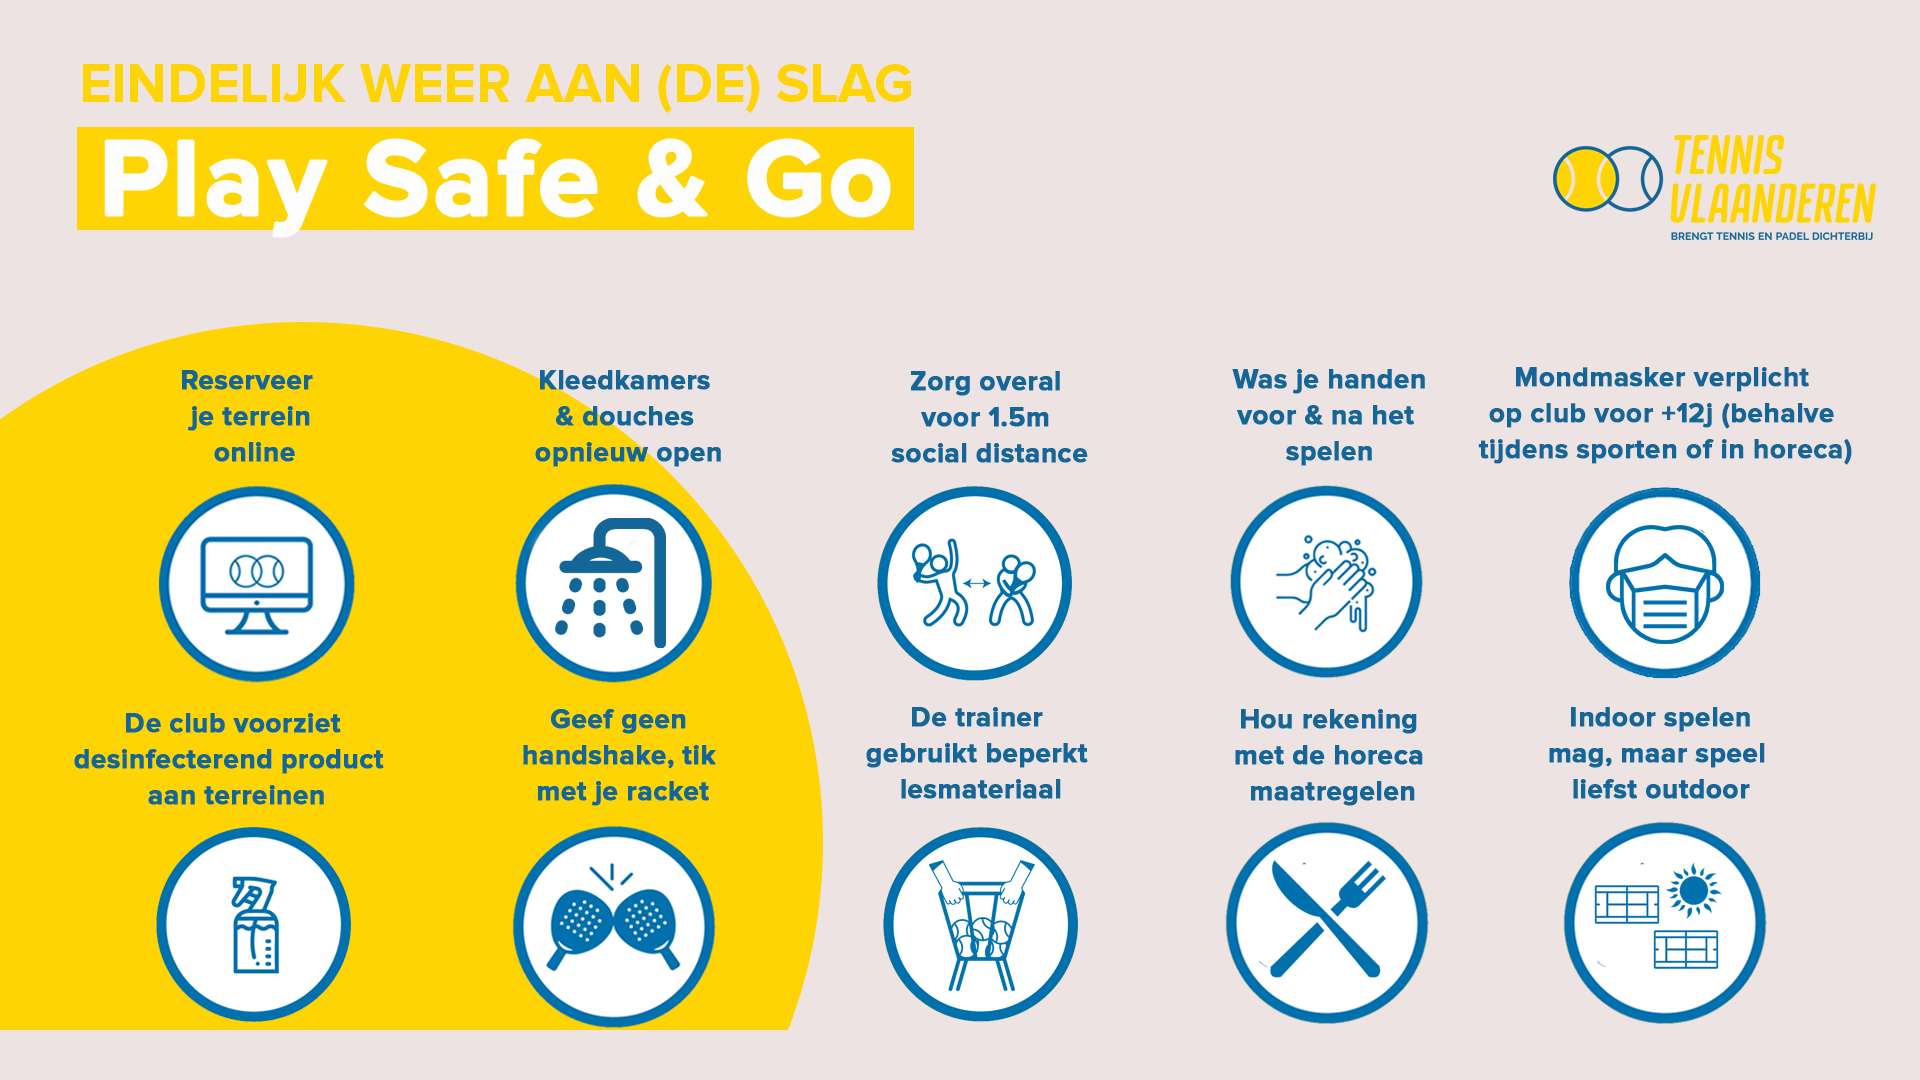 Bekijk de aangepaste 'Play Safe & Go' regels